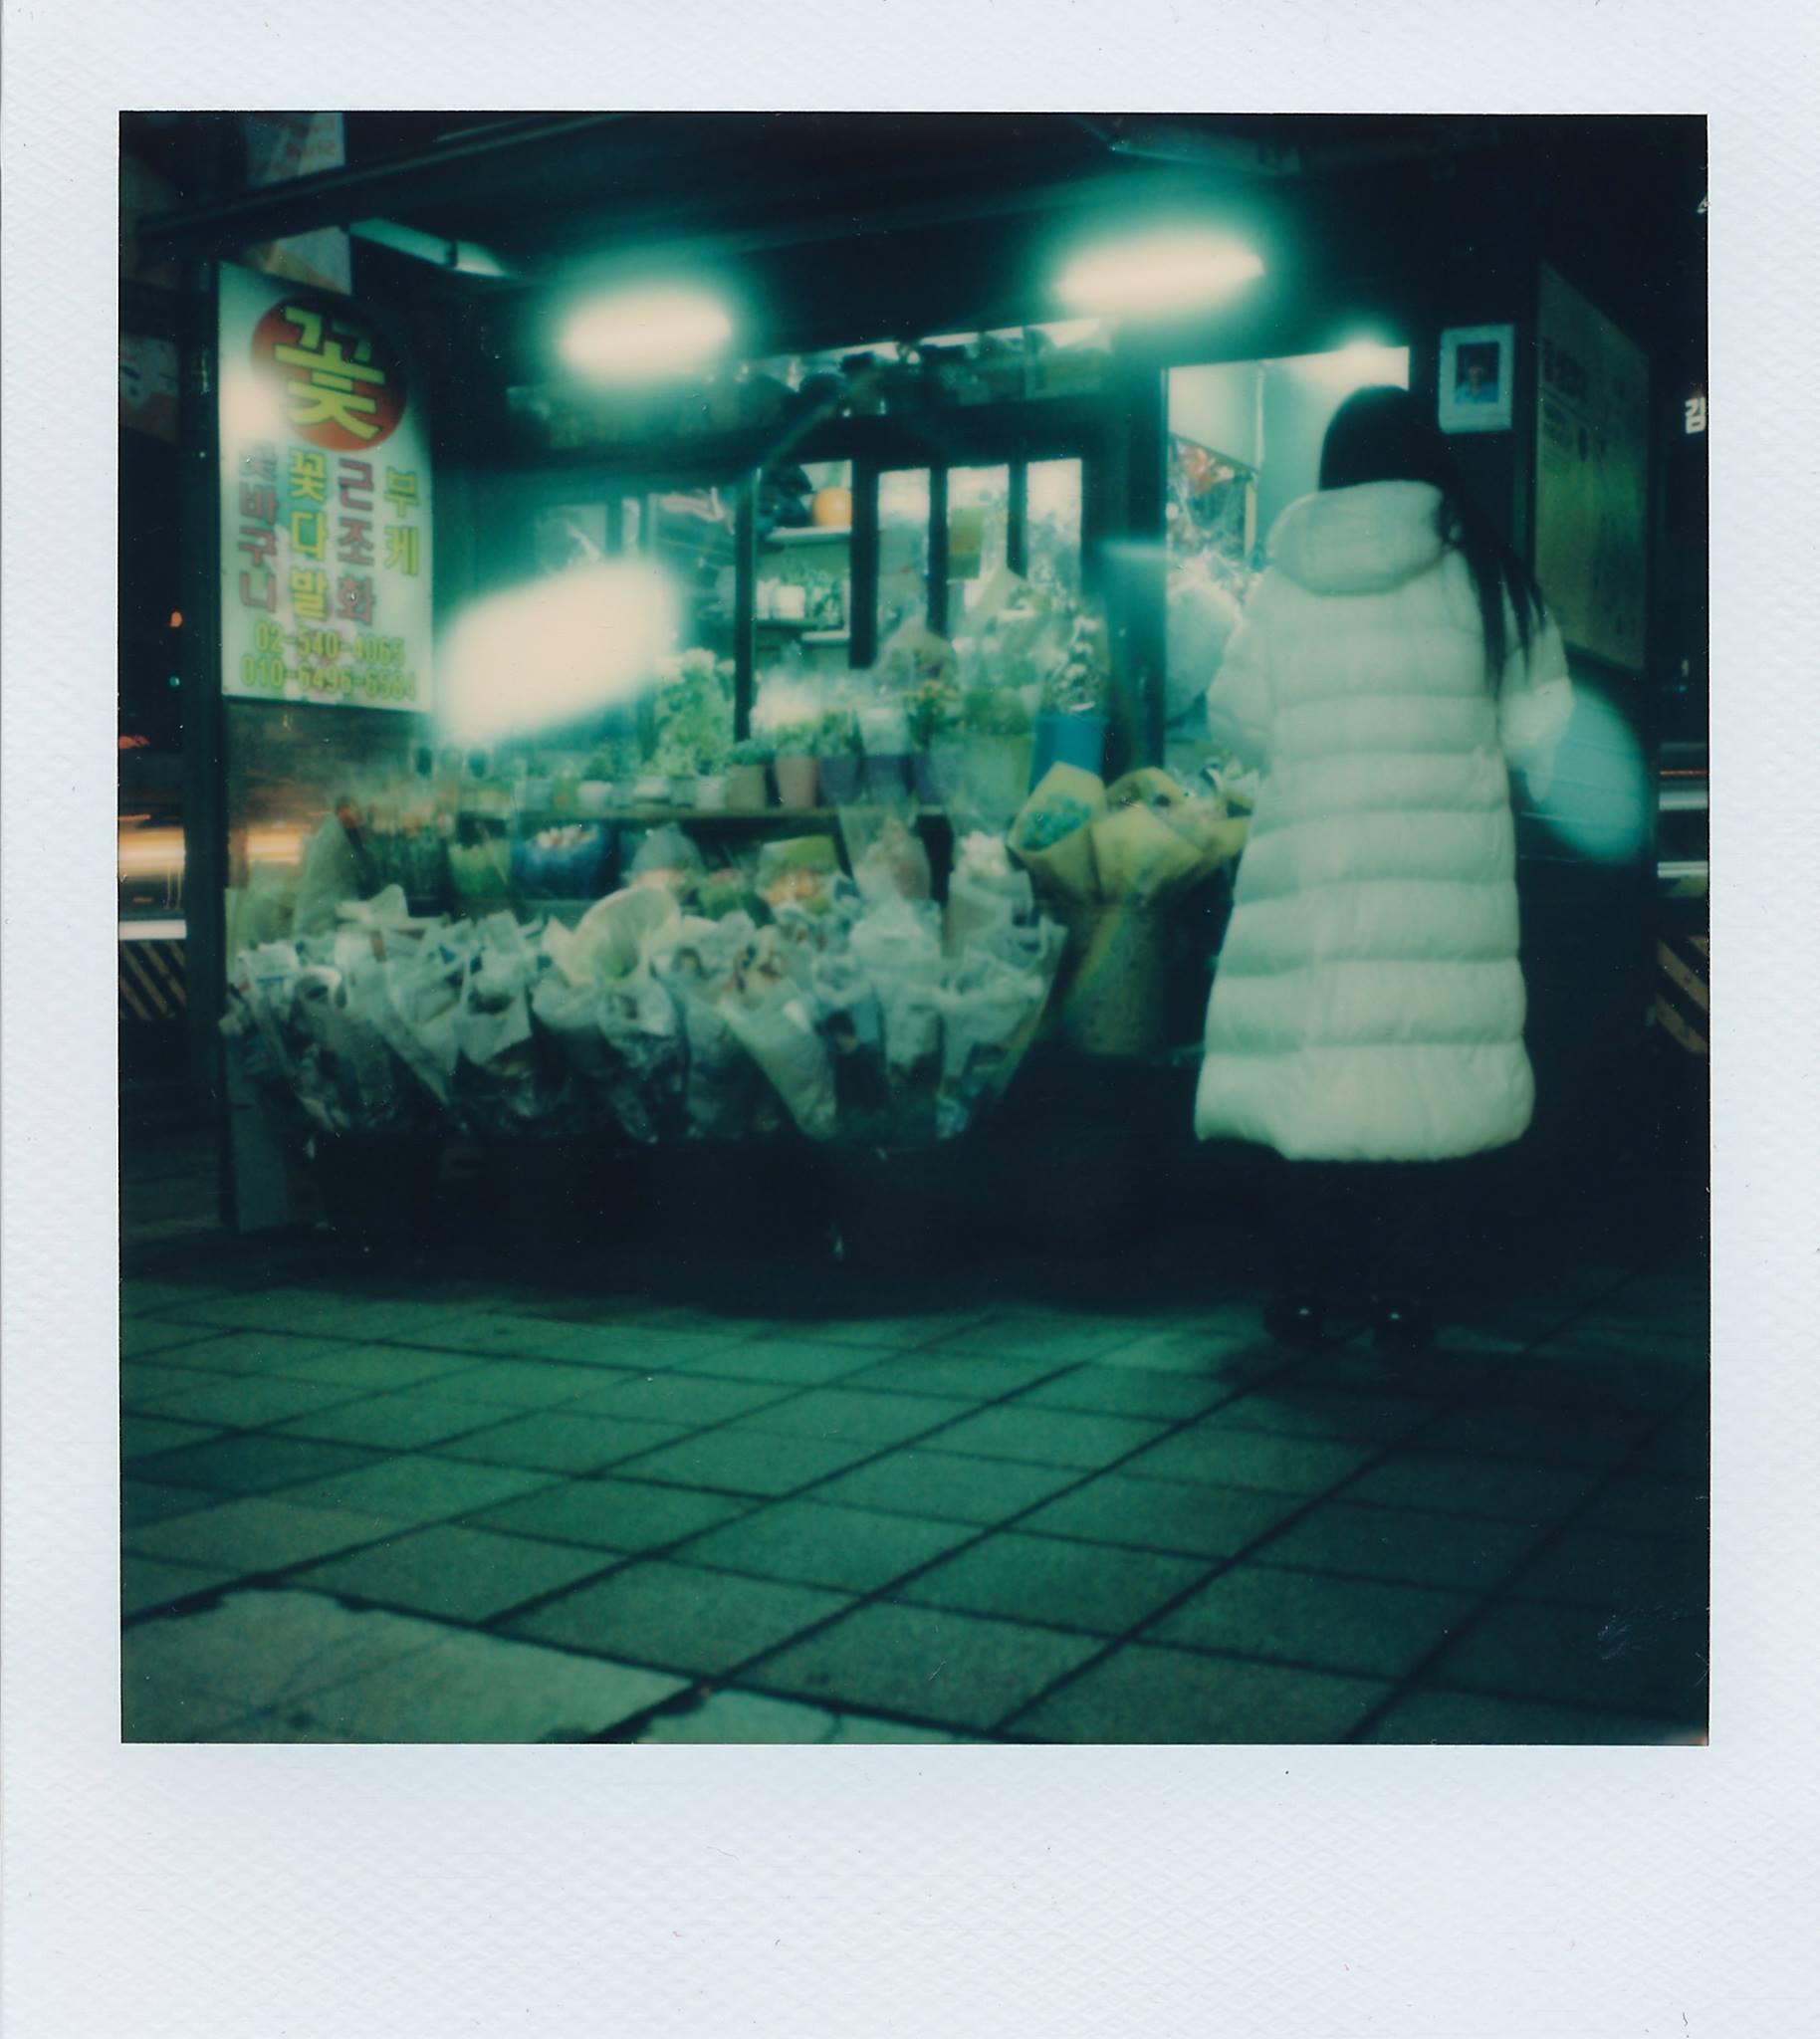 韓国ソウルの夜おすすめスポット